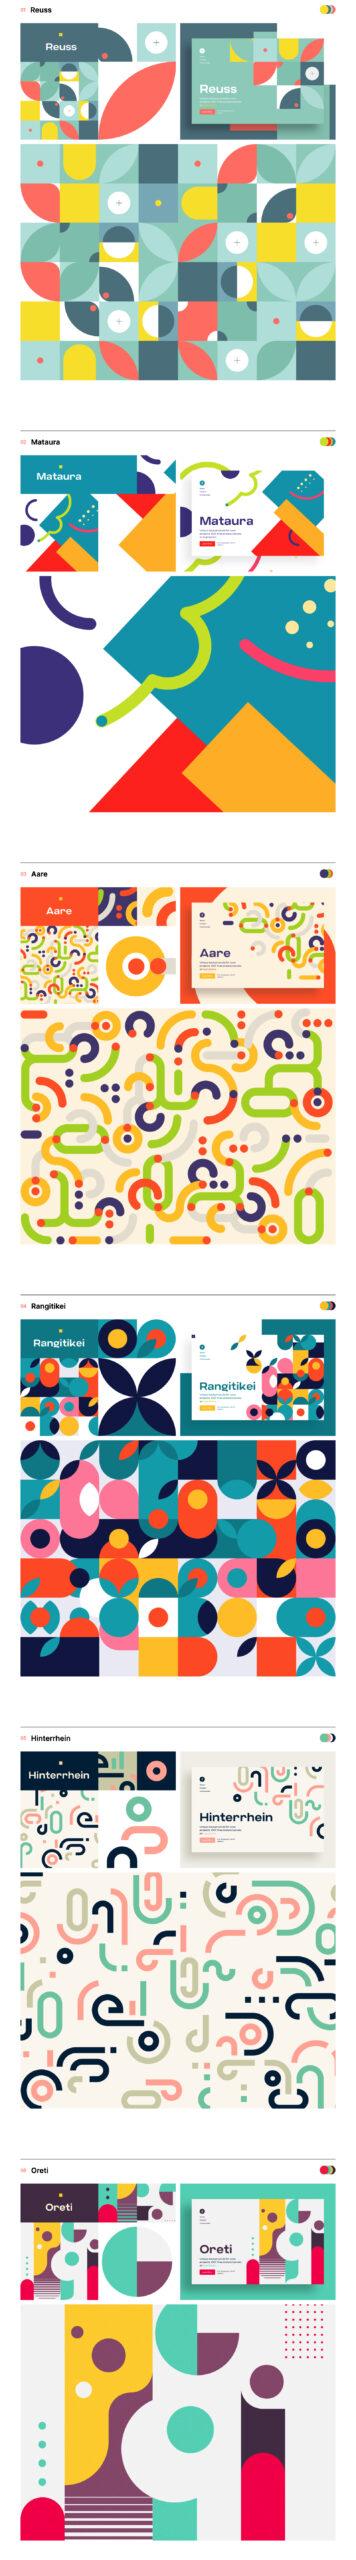 Paaatterns-免费手工制作的图案素材插图